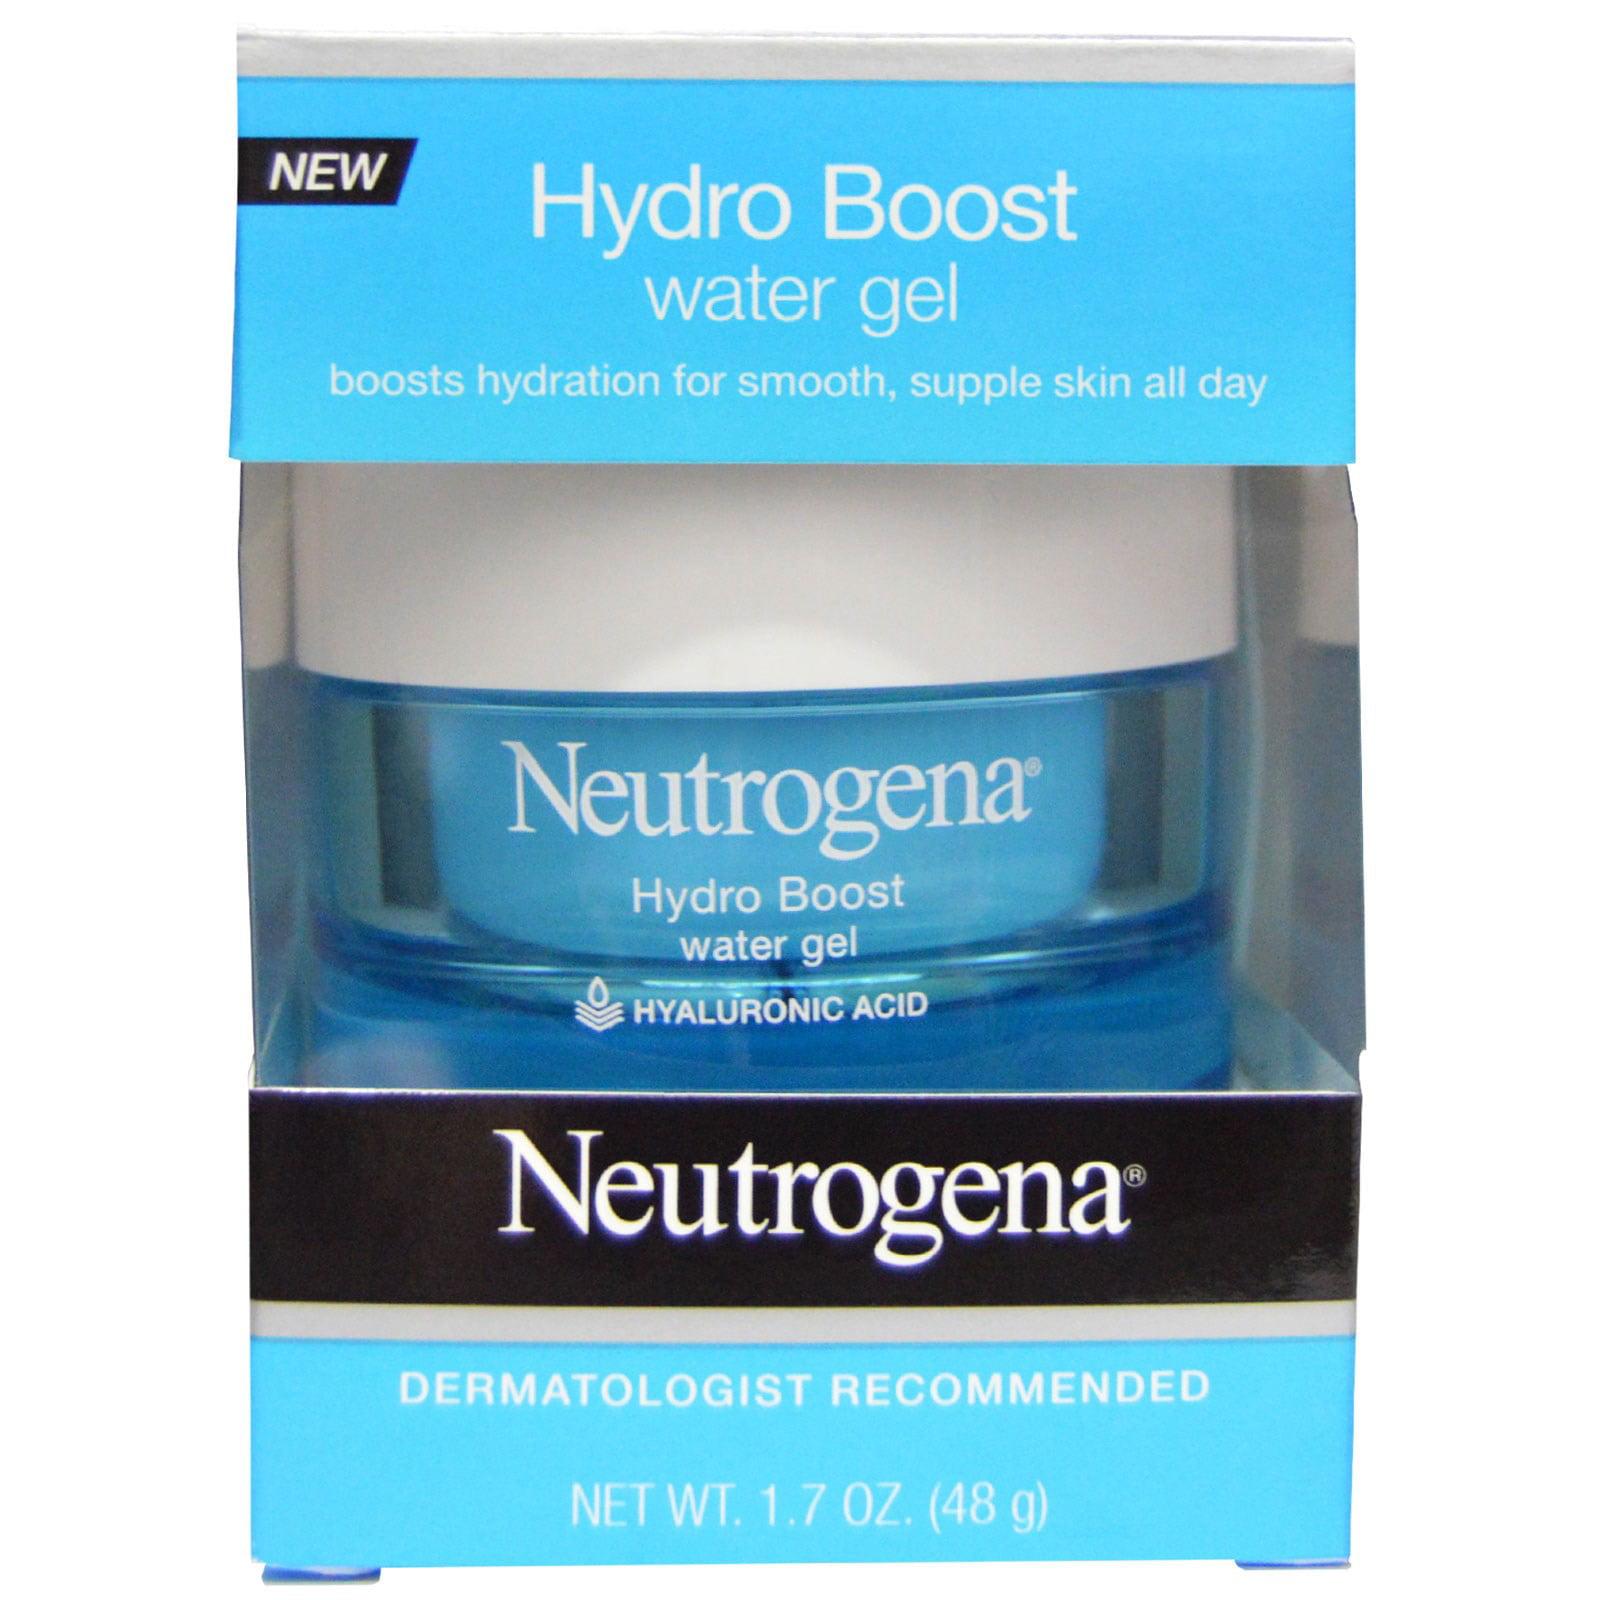 Neutrogena Hydro Boost Water Gel 1.7 oz (Pack of 2) Claudia Stevens Skin Toning Serum